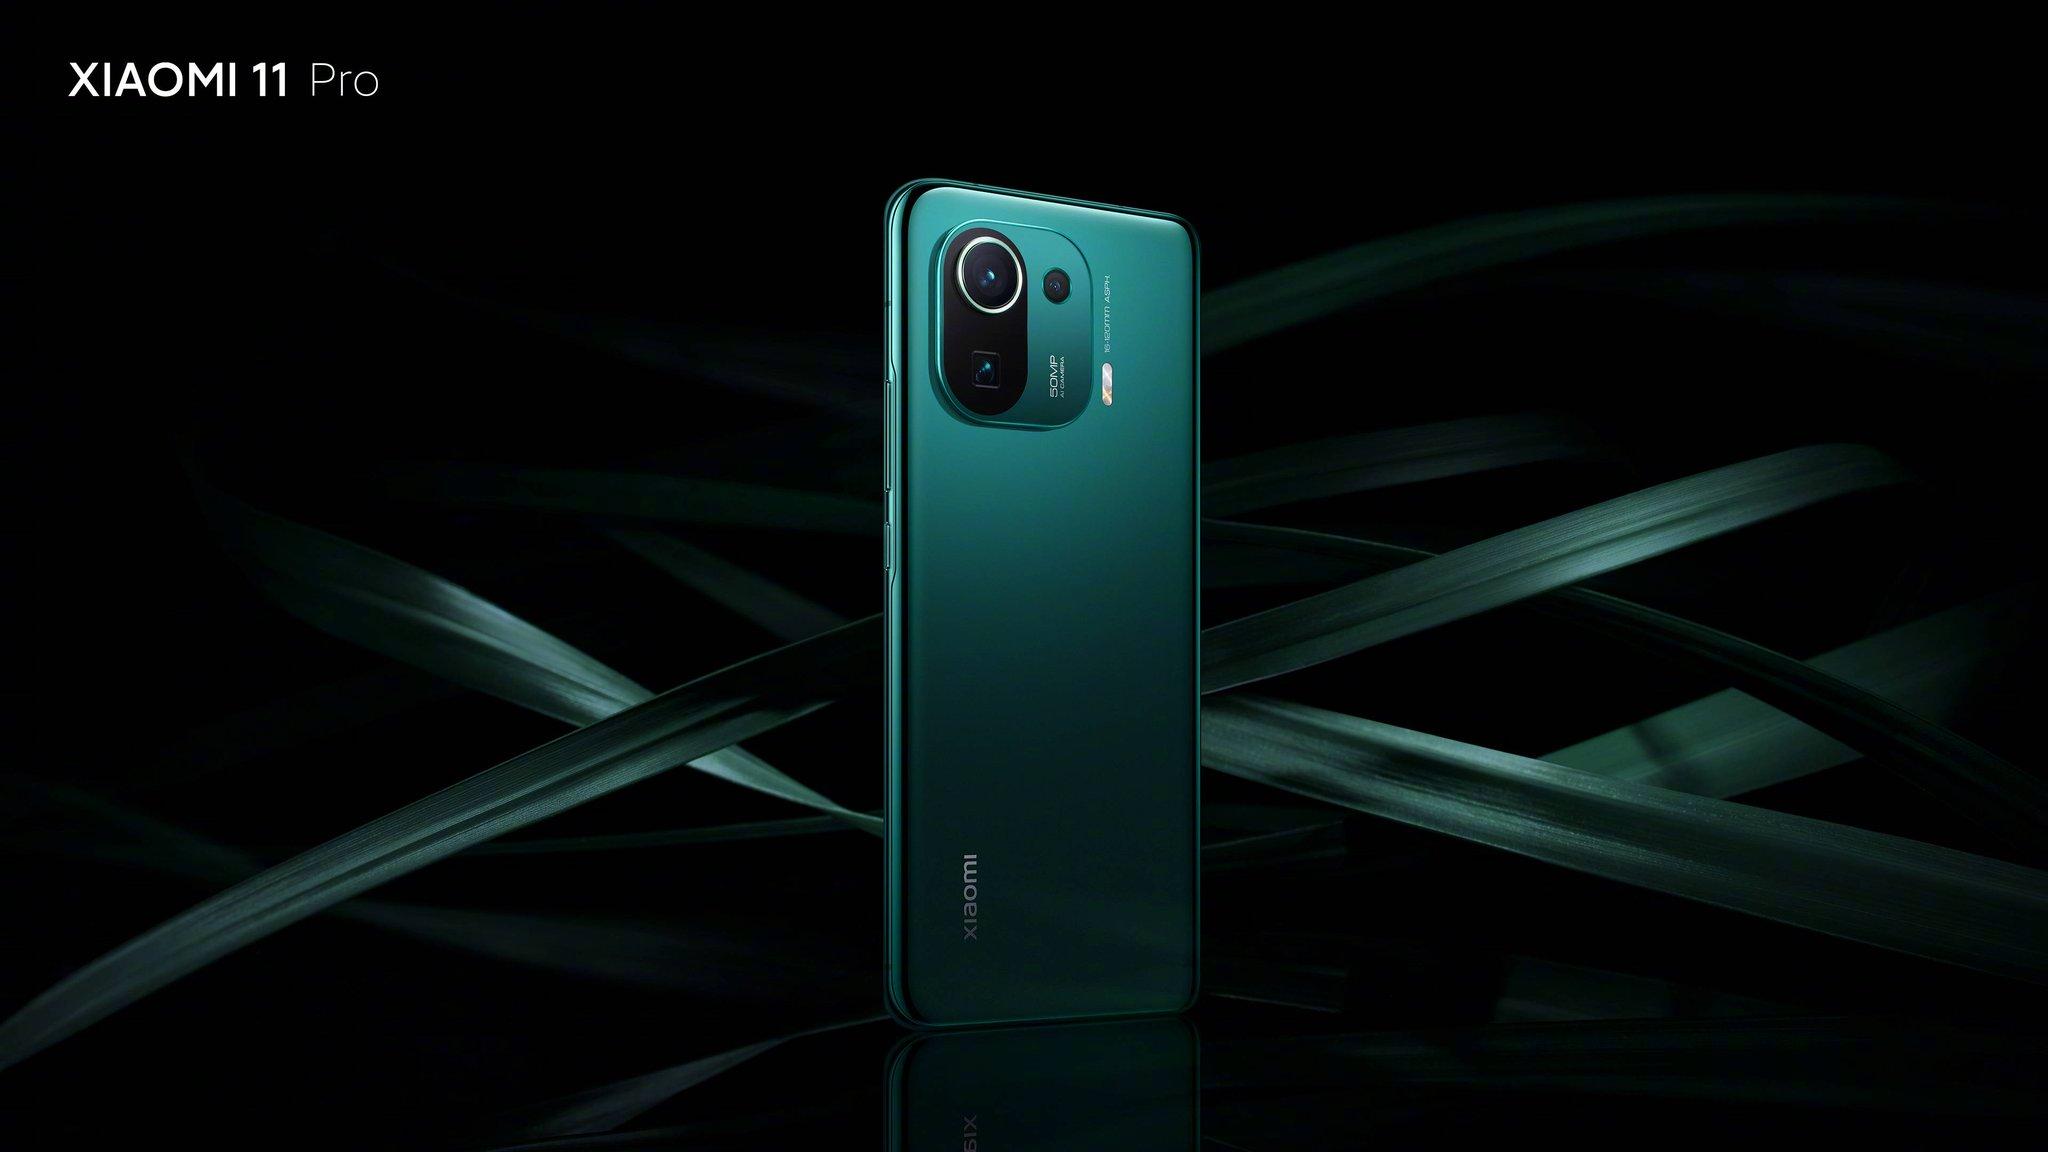 می ۱۱ پرو شیائومی با بزرگ ترین سنسور دوربین موبایل رسما معرفی شد